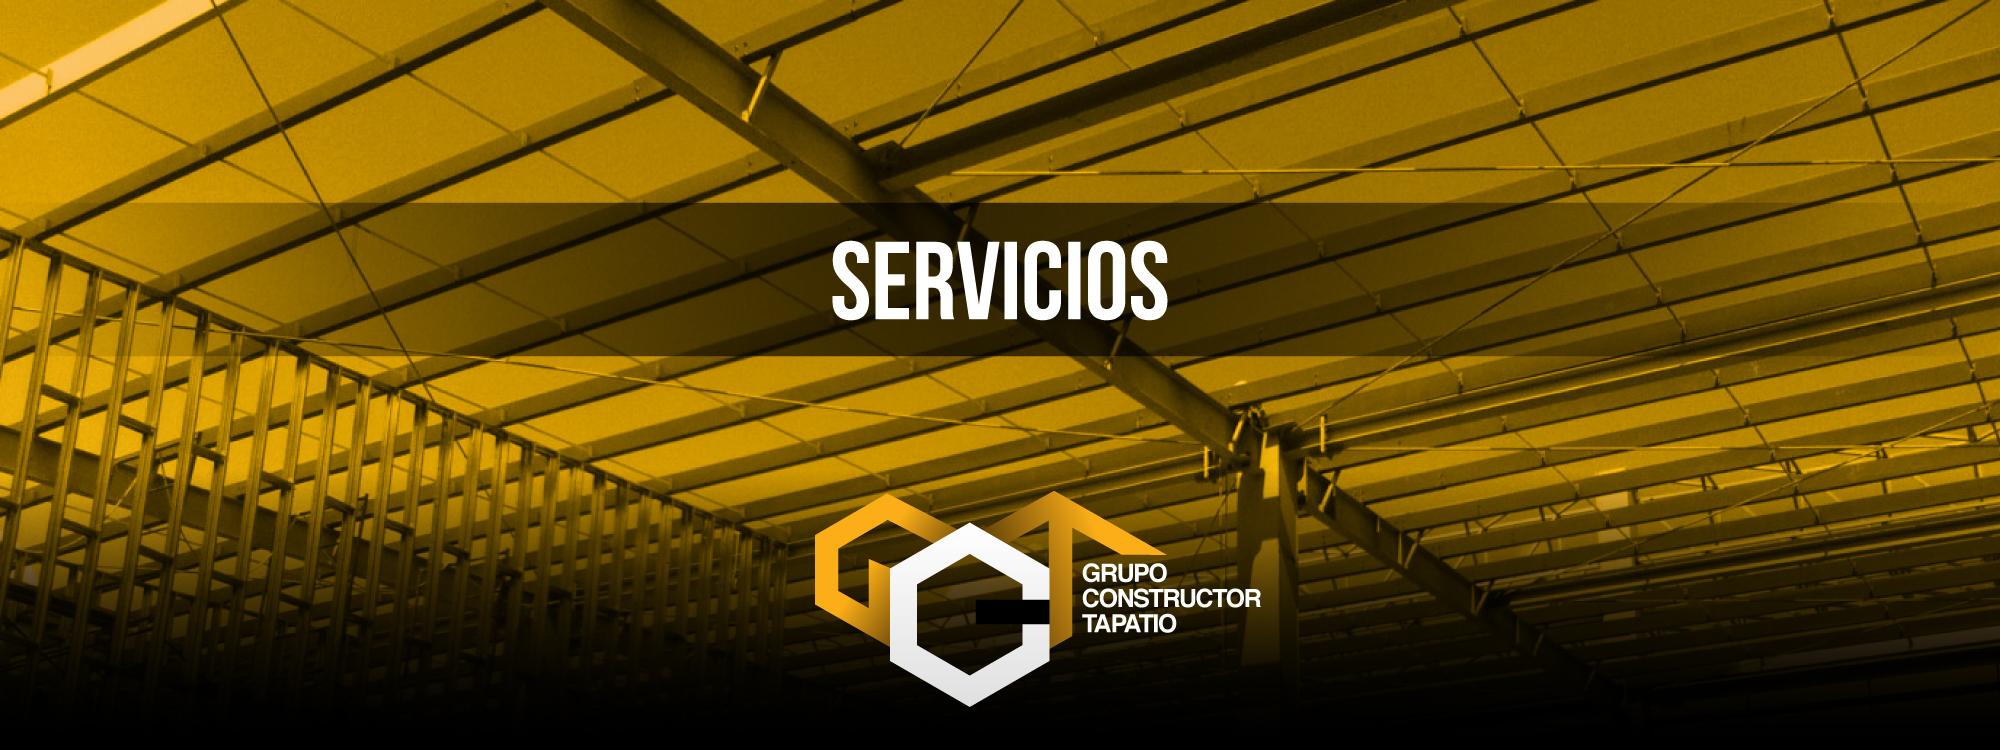 GCT-Sitio-Web-Servicios